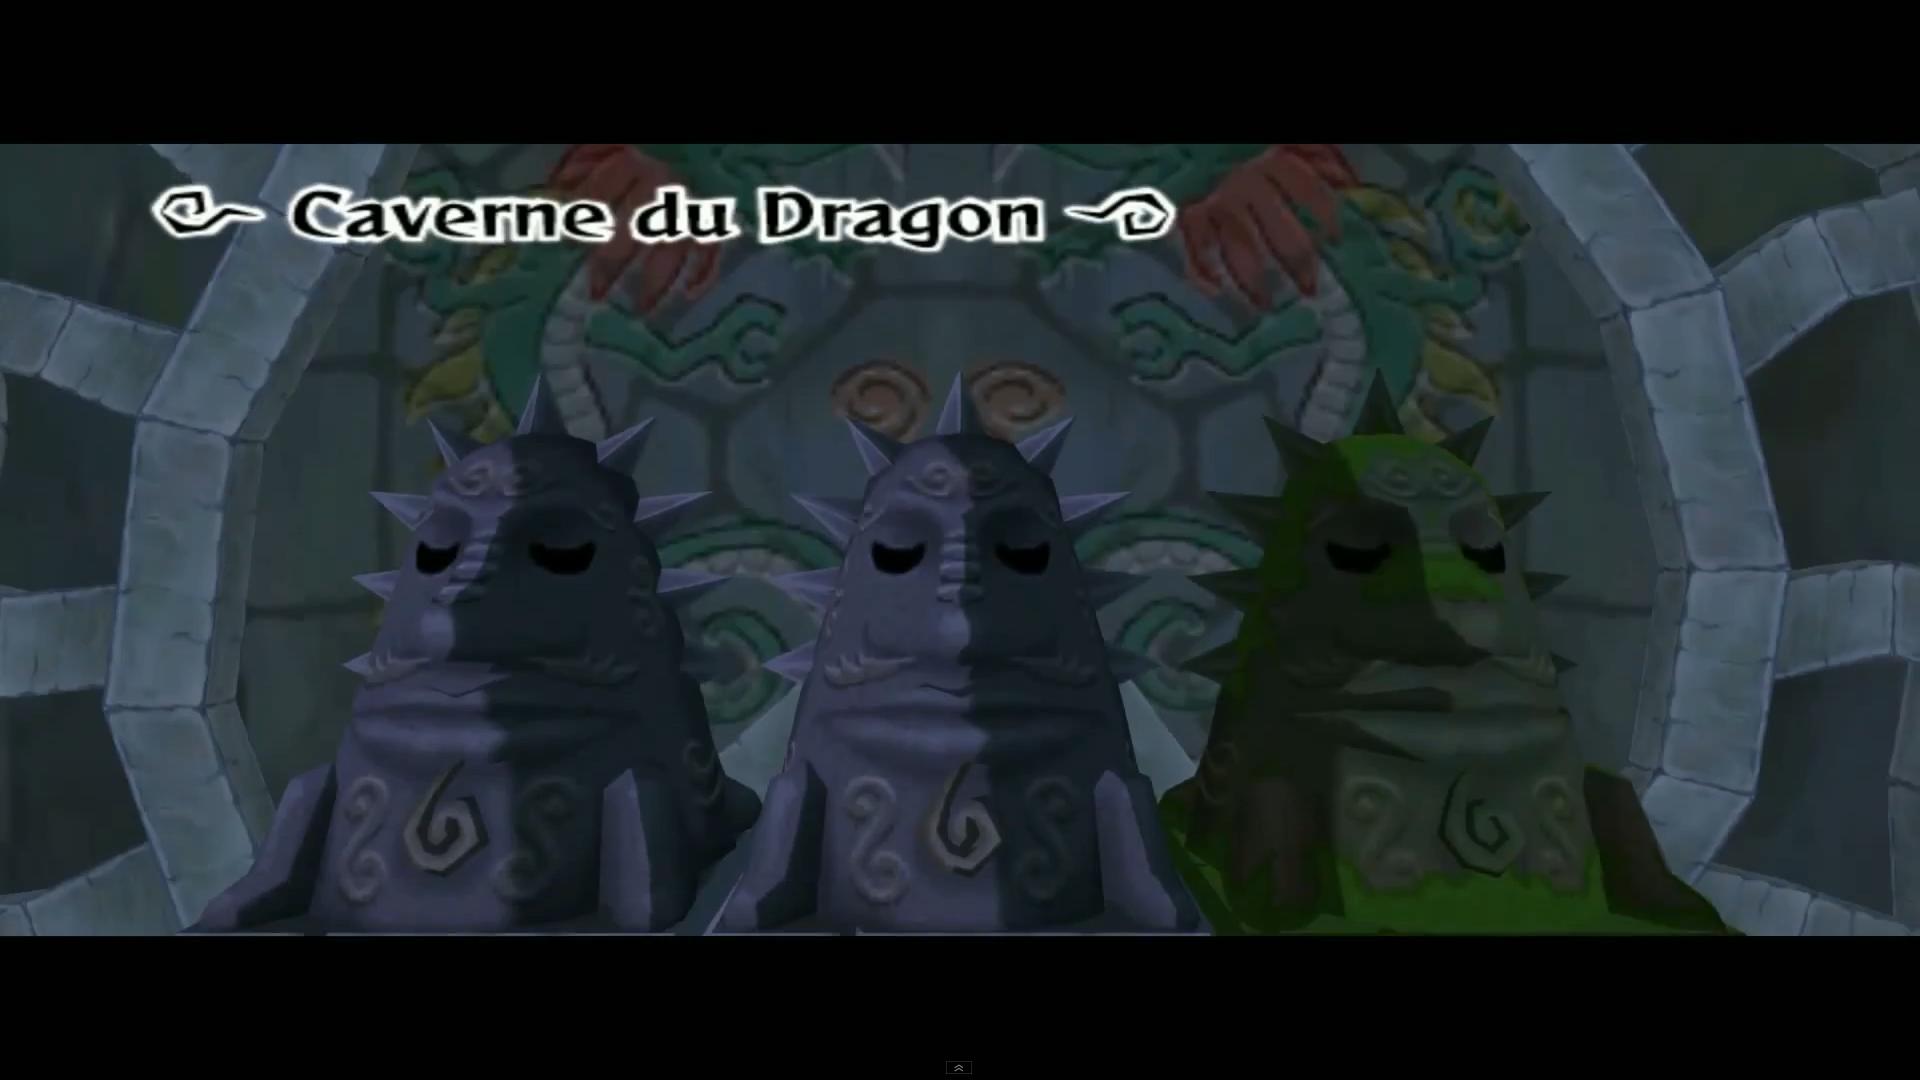 Caverne du Dragon